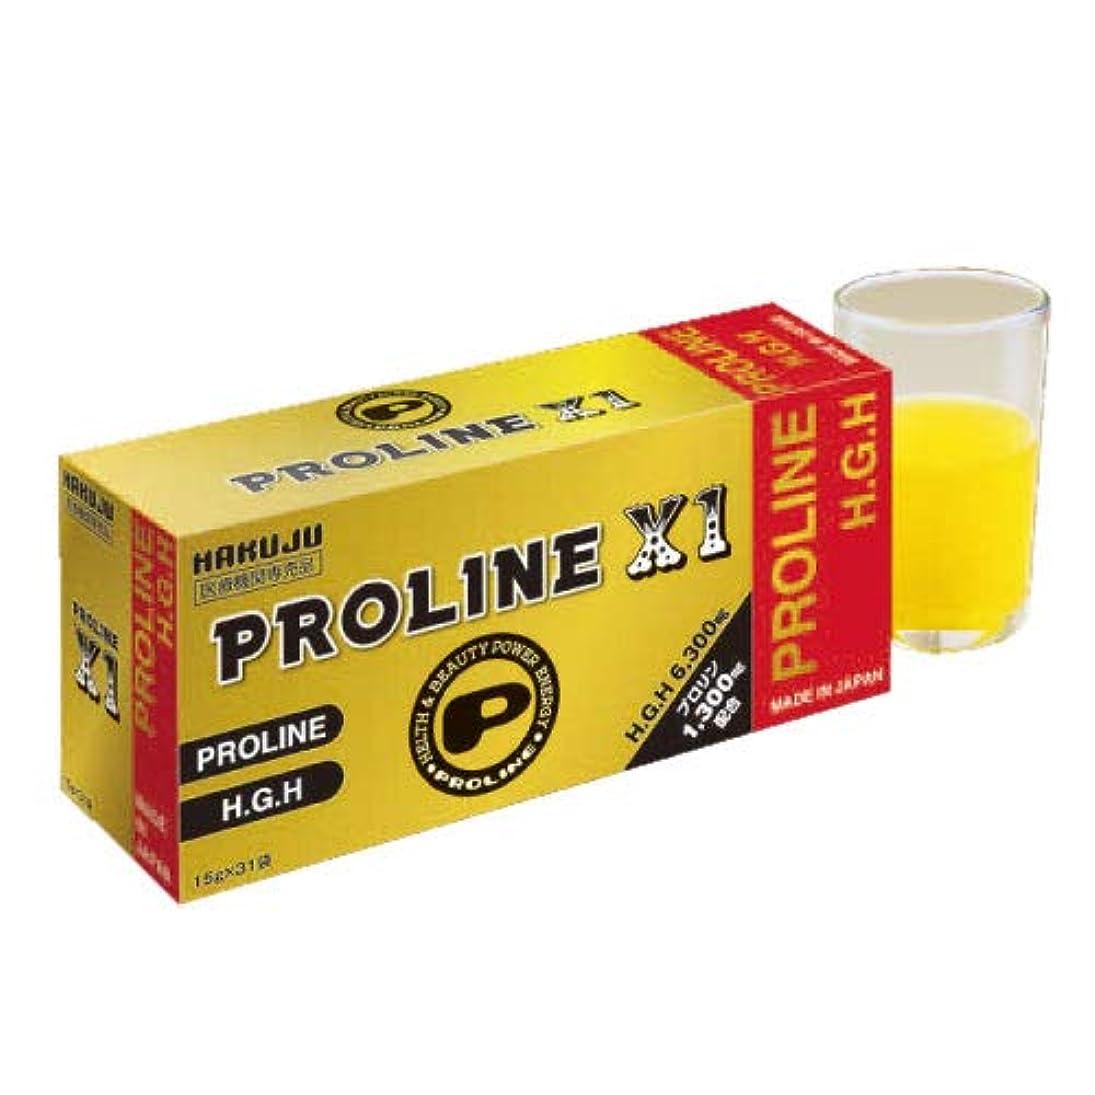 無意味令状放送H.G.H PROLINE X1 (プロリン X1) 【メディア掲載あり】 もっちり肌 弾力肌 キメ コラーゲン シミ シワ ハリ 潤い 肌もっちり 15g×31袋入